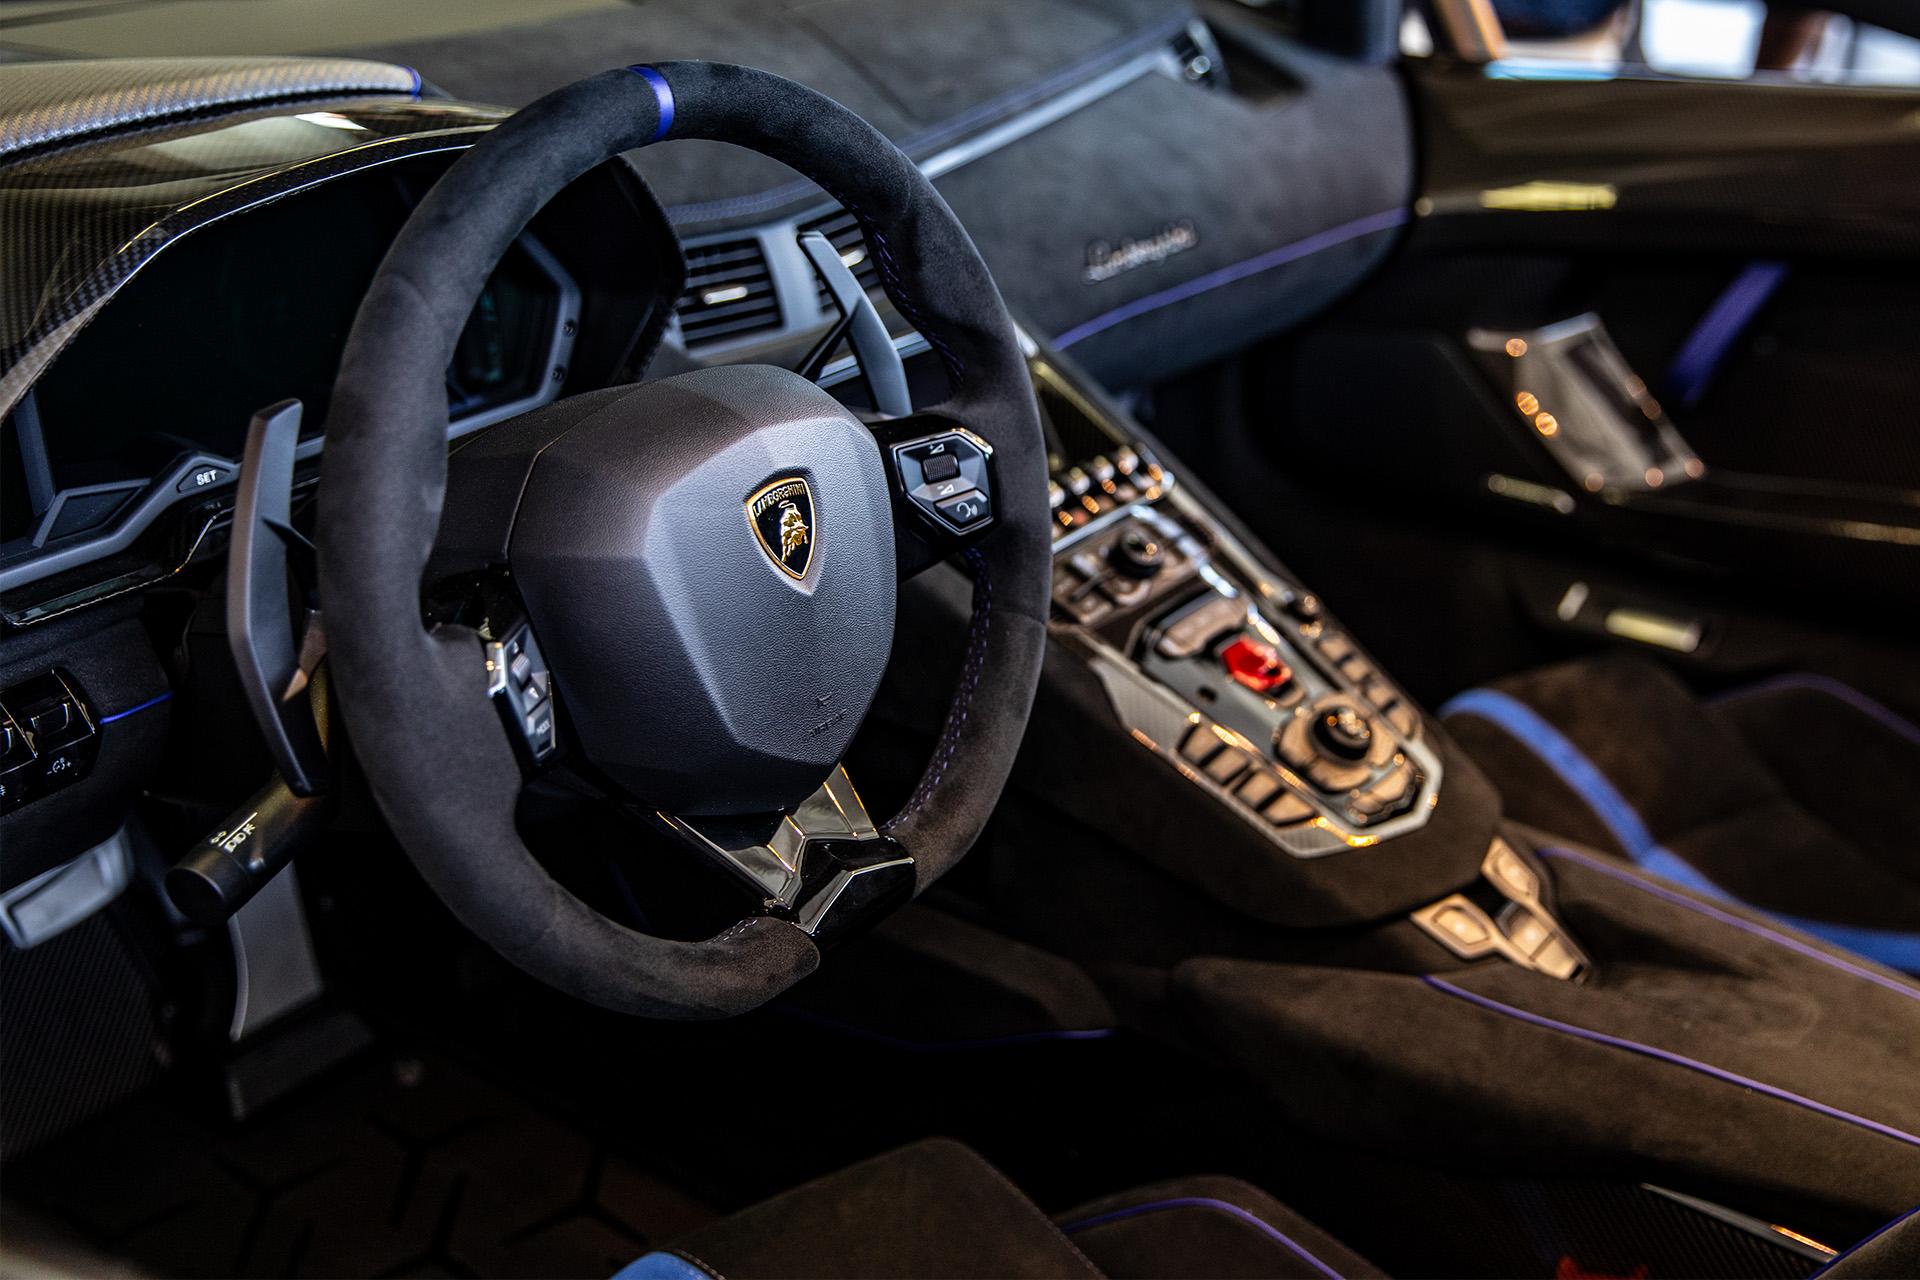 Lamborghini Aventador Interior Goldstein Digital Photographer In